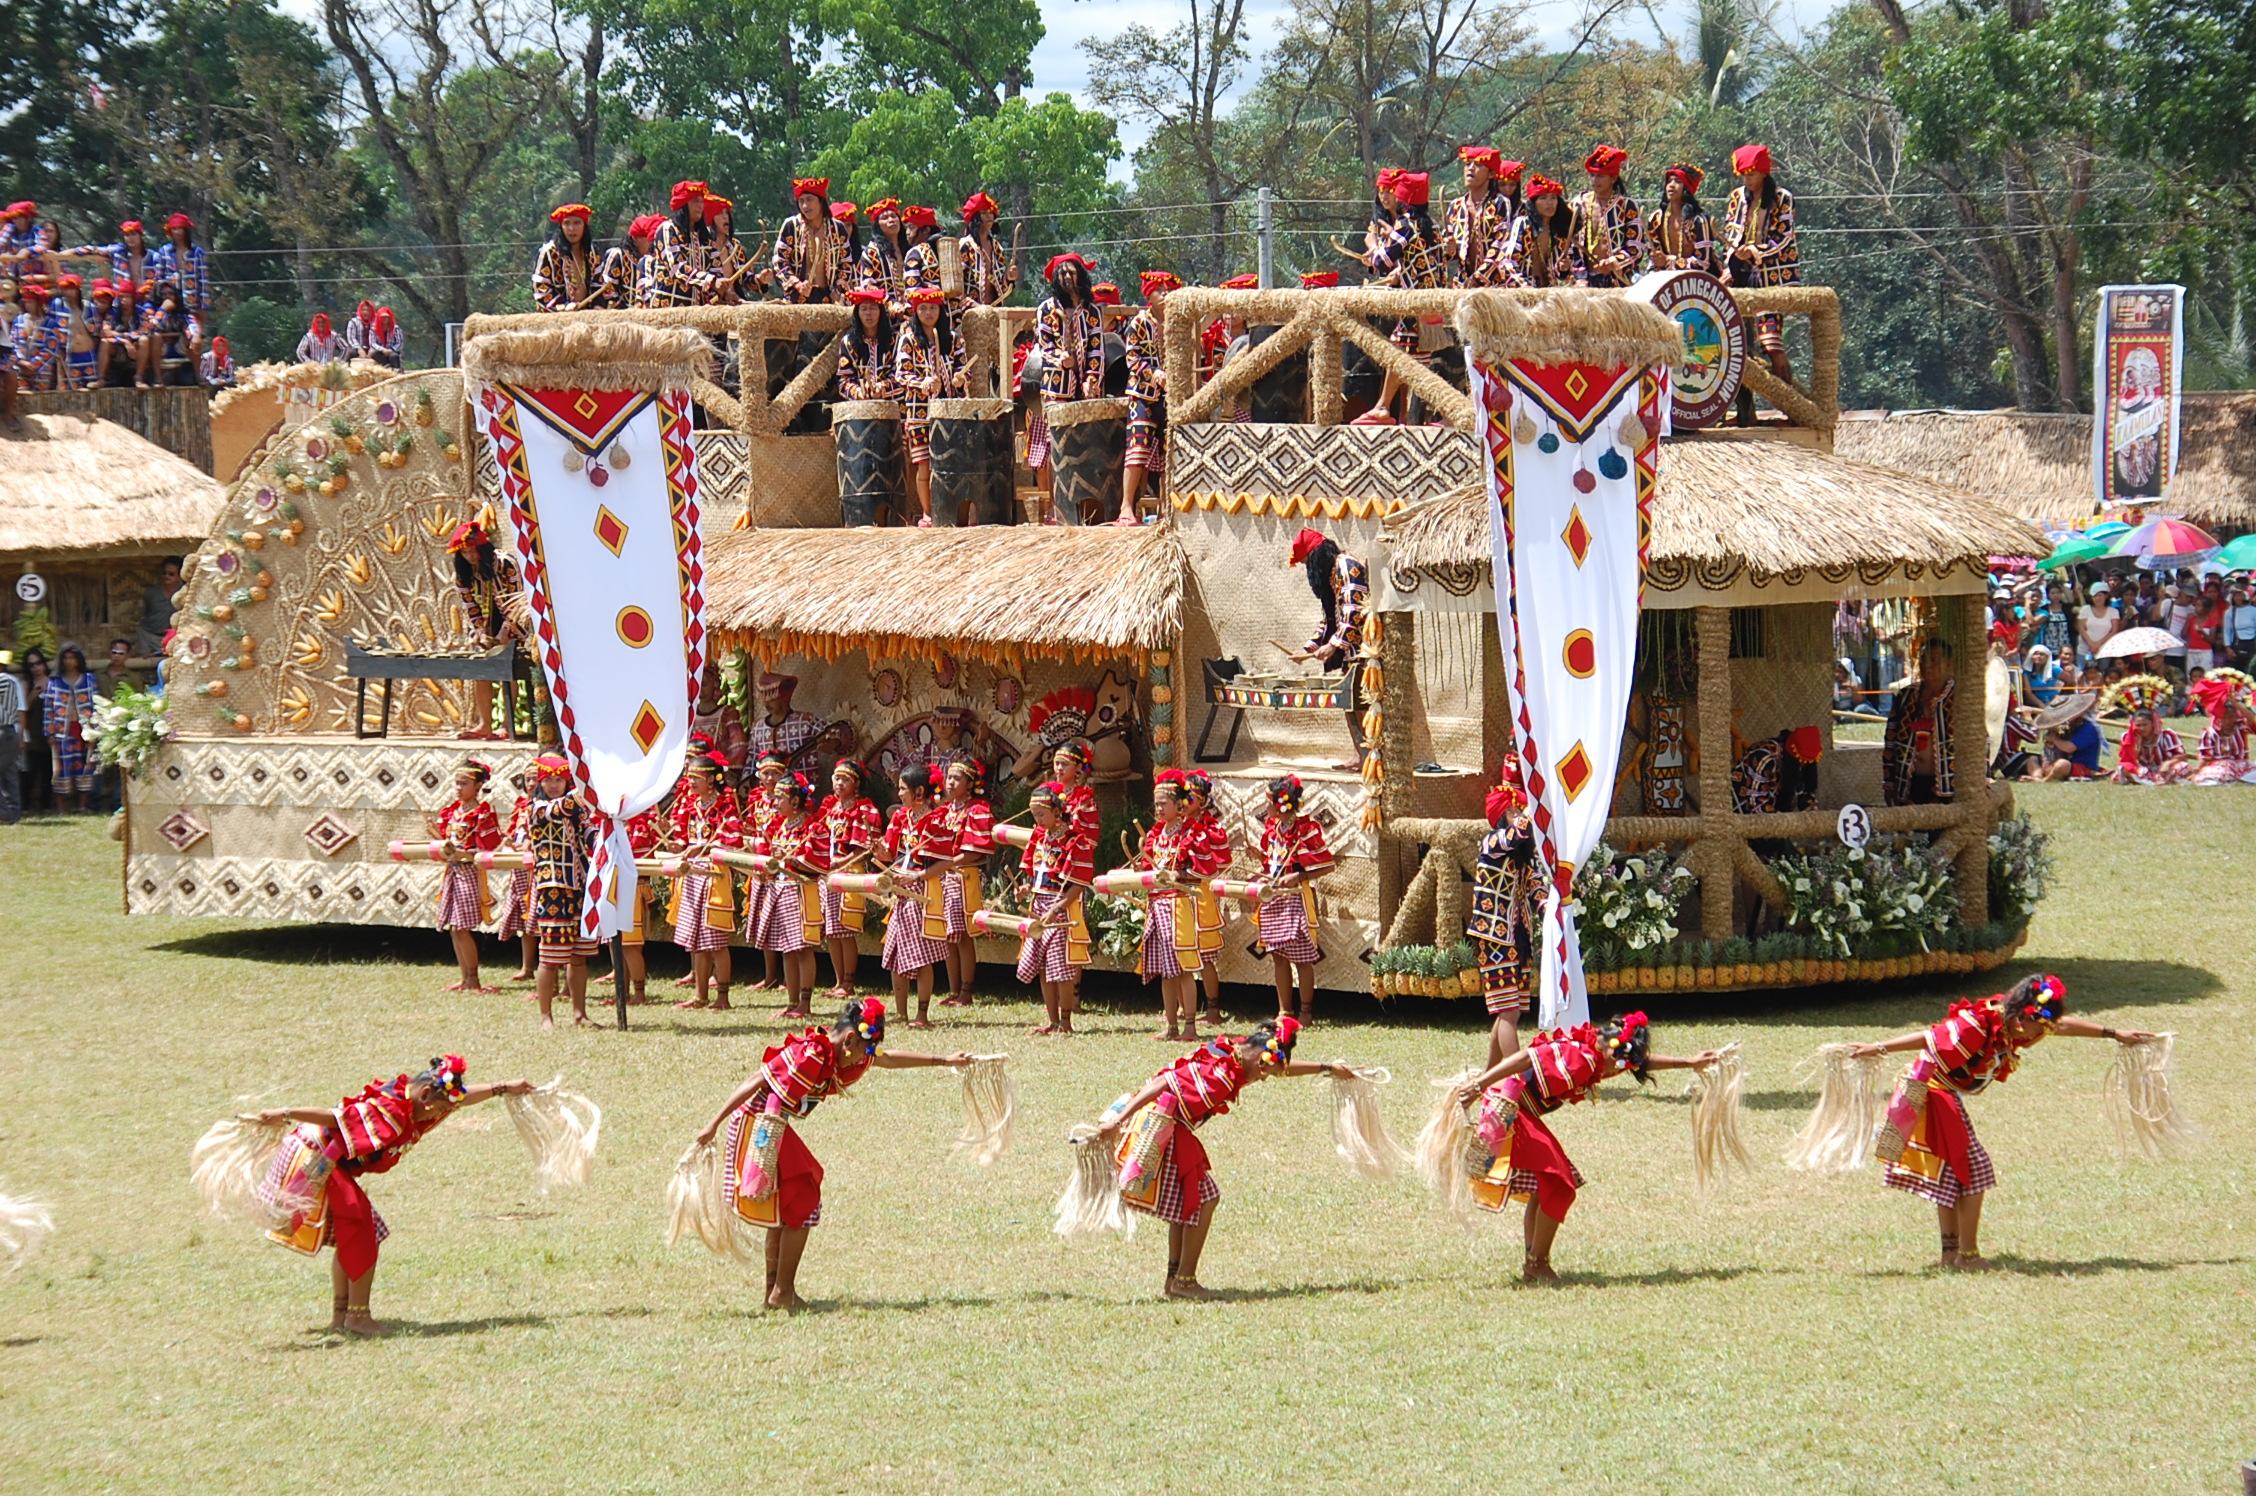 Kaamulan Festival 2014 Bukidnon schedule of activities